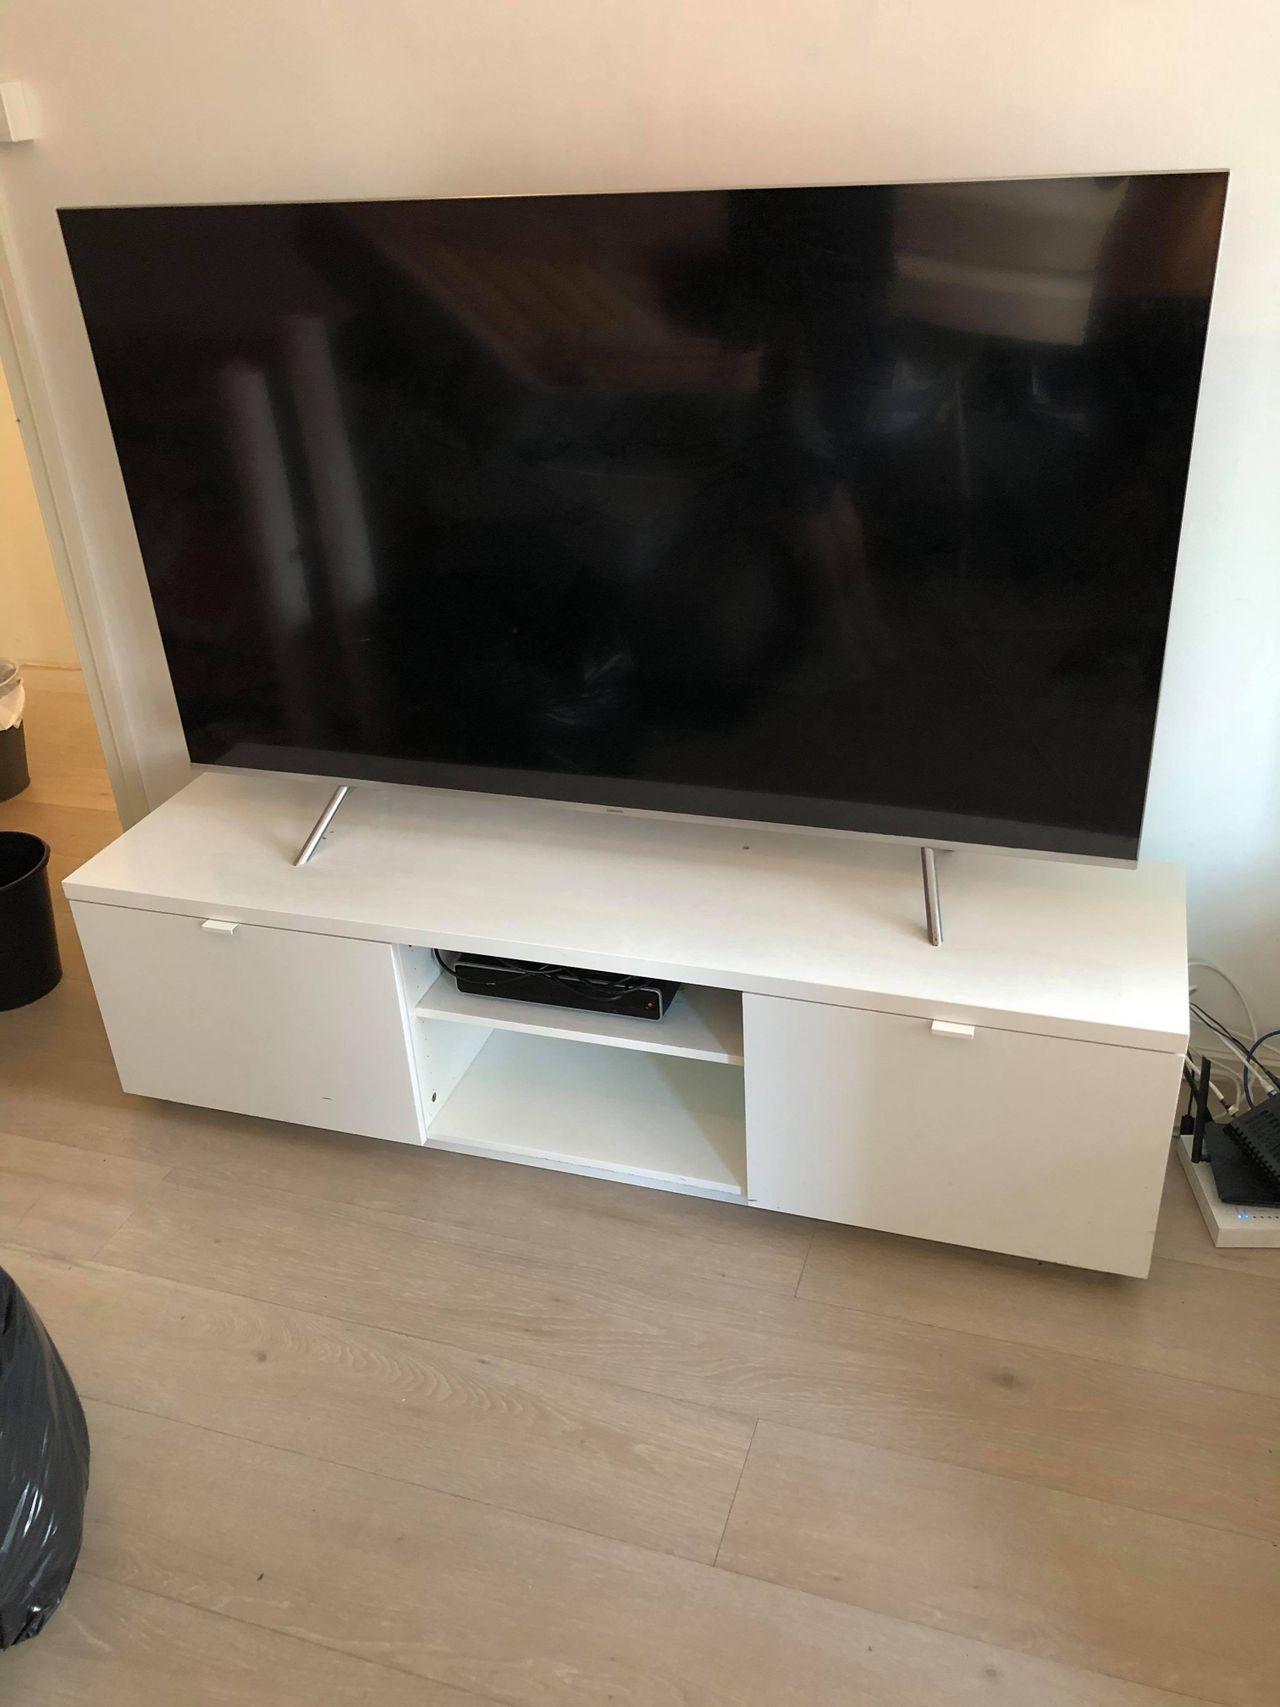 Ny tv benk med Kjøpe, selge og utveksle annonser finn den